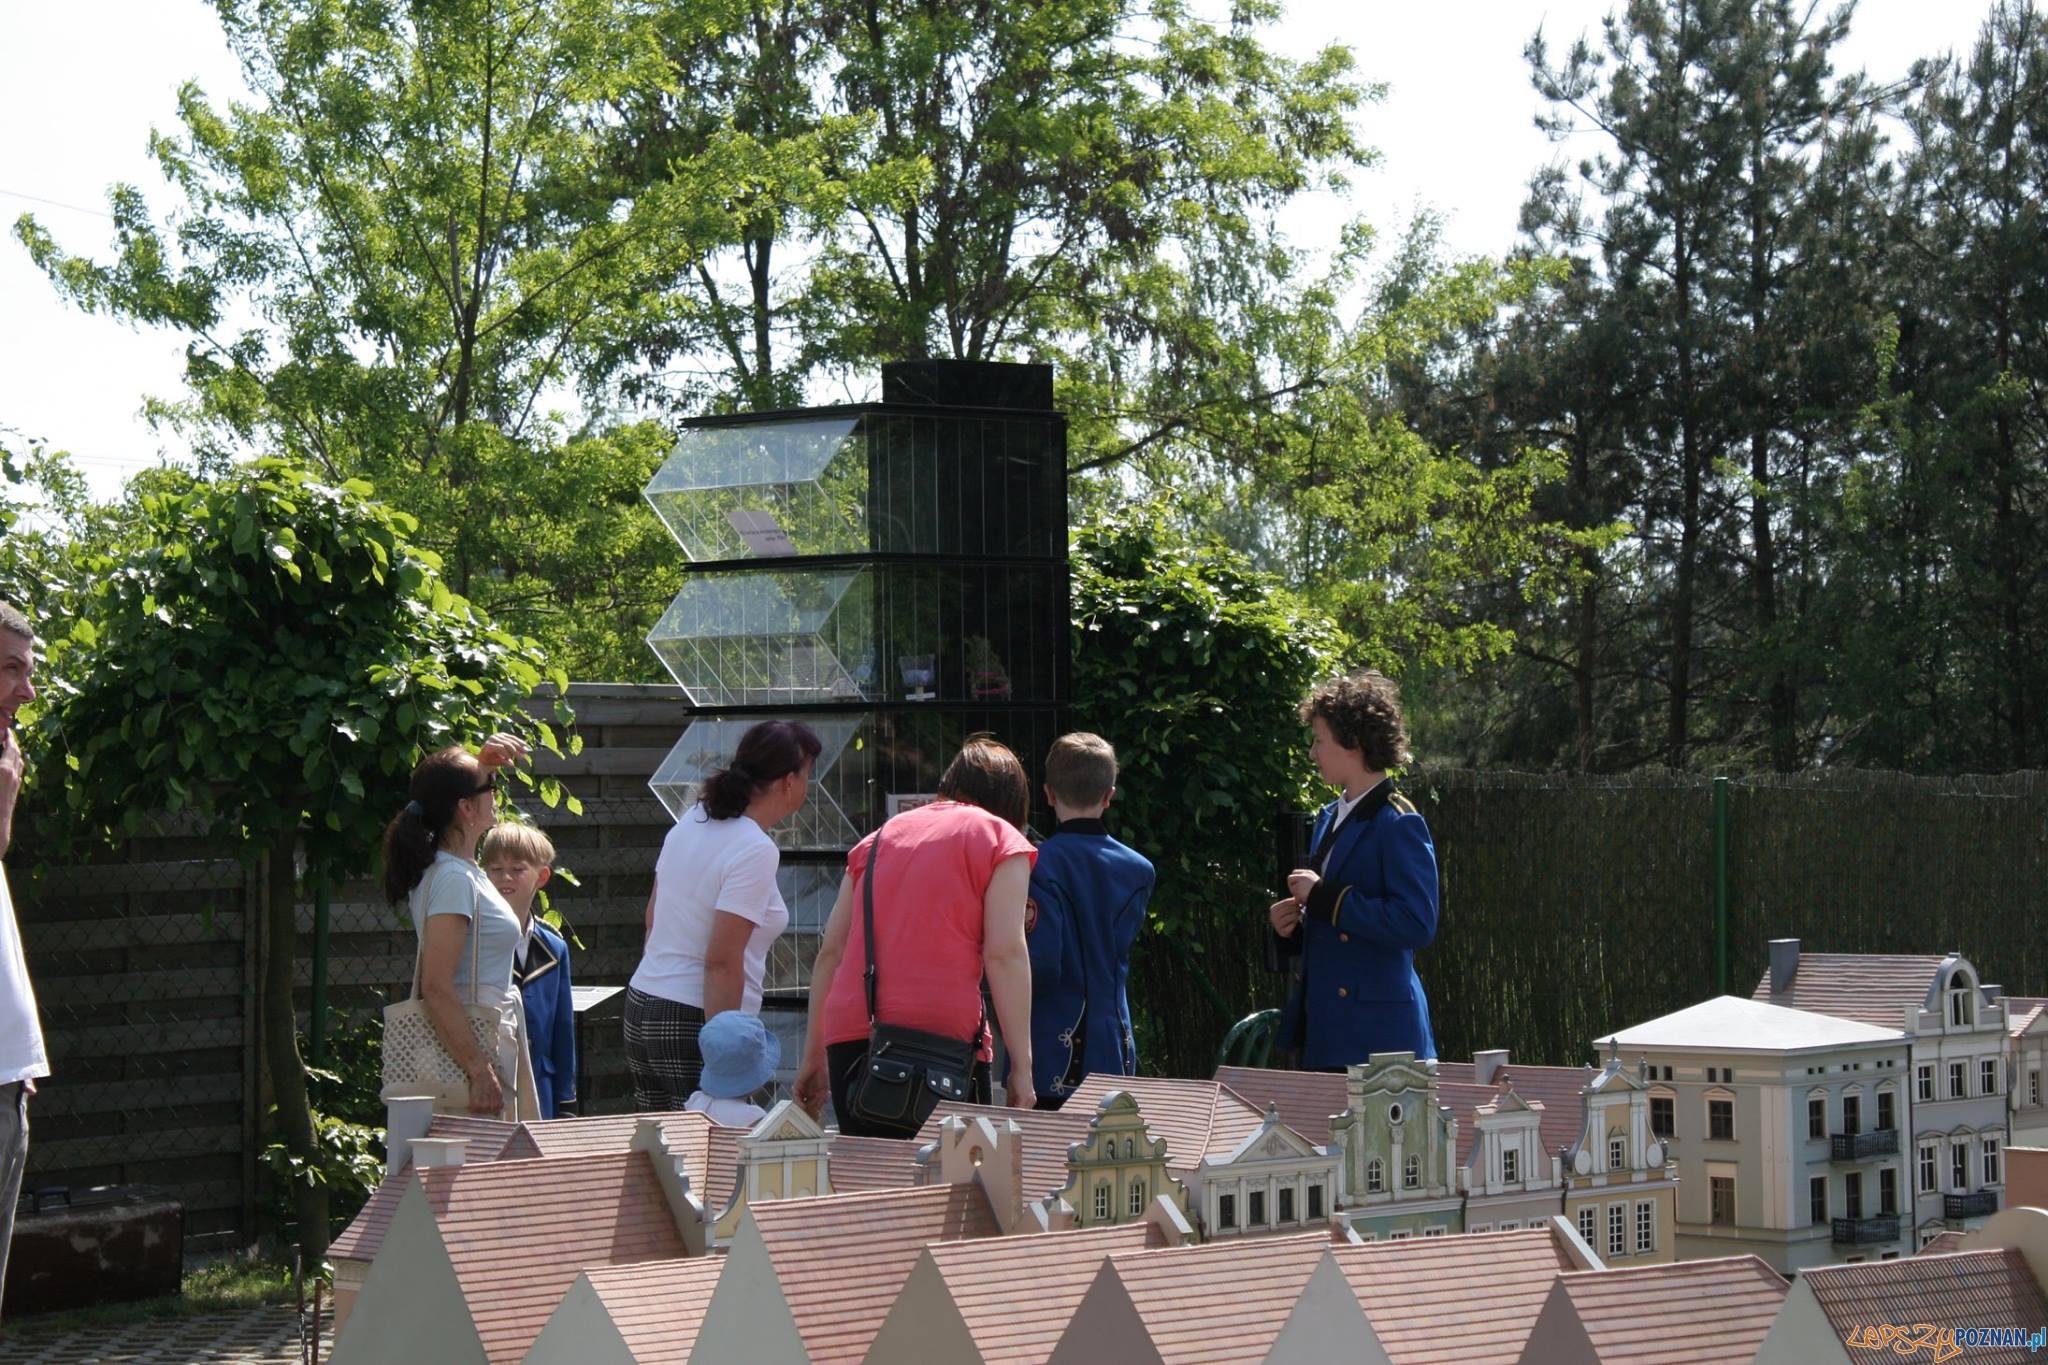 Centrum Sztuki Współczesnej w Parku miniatur K. Wnuk